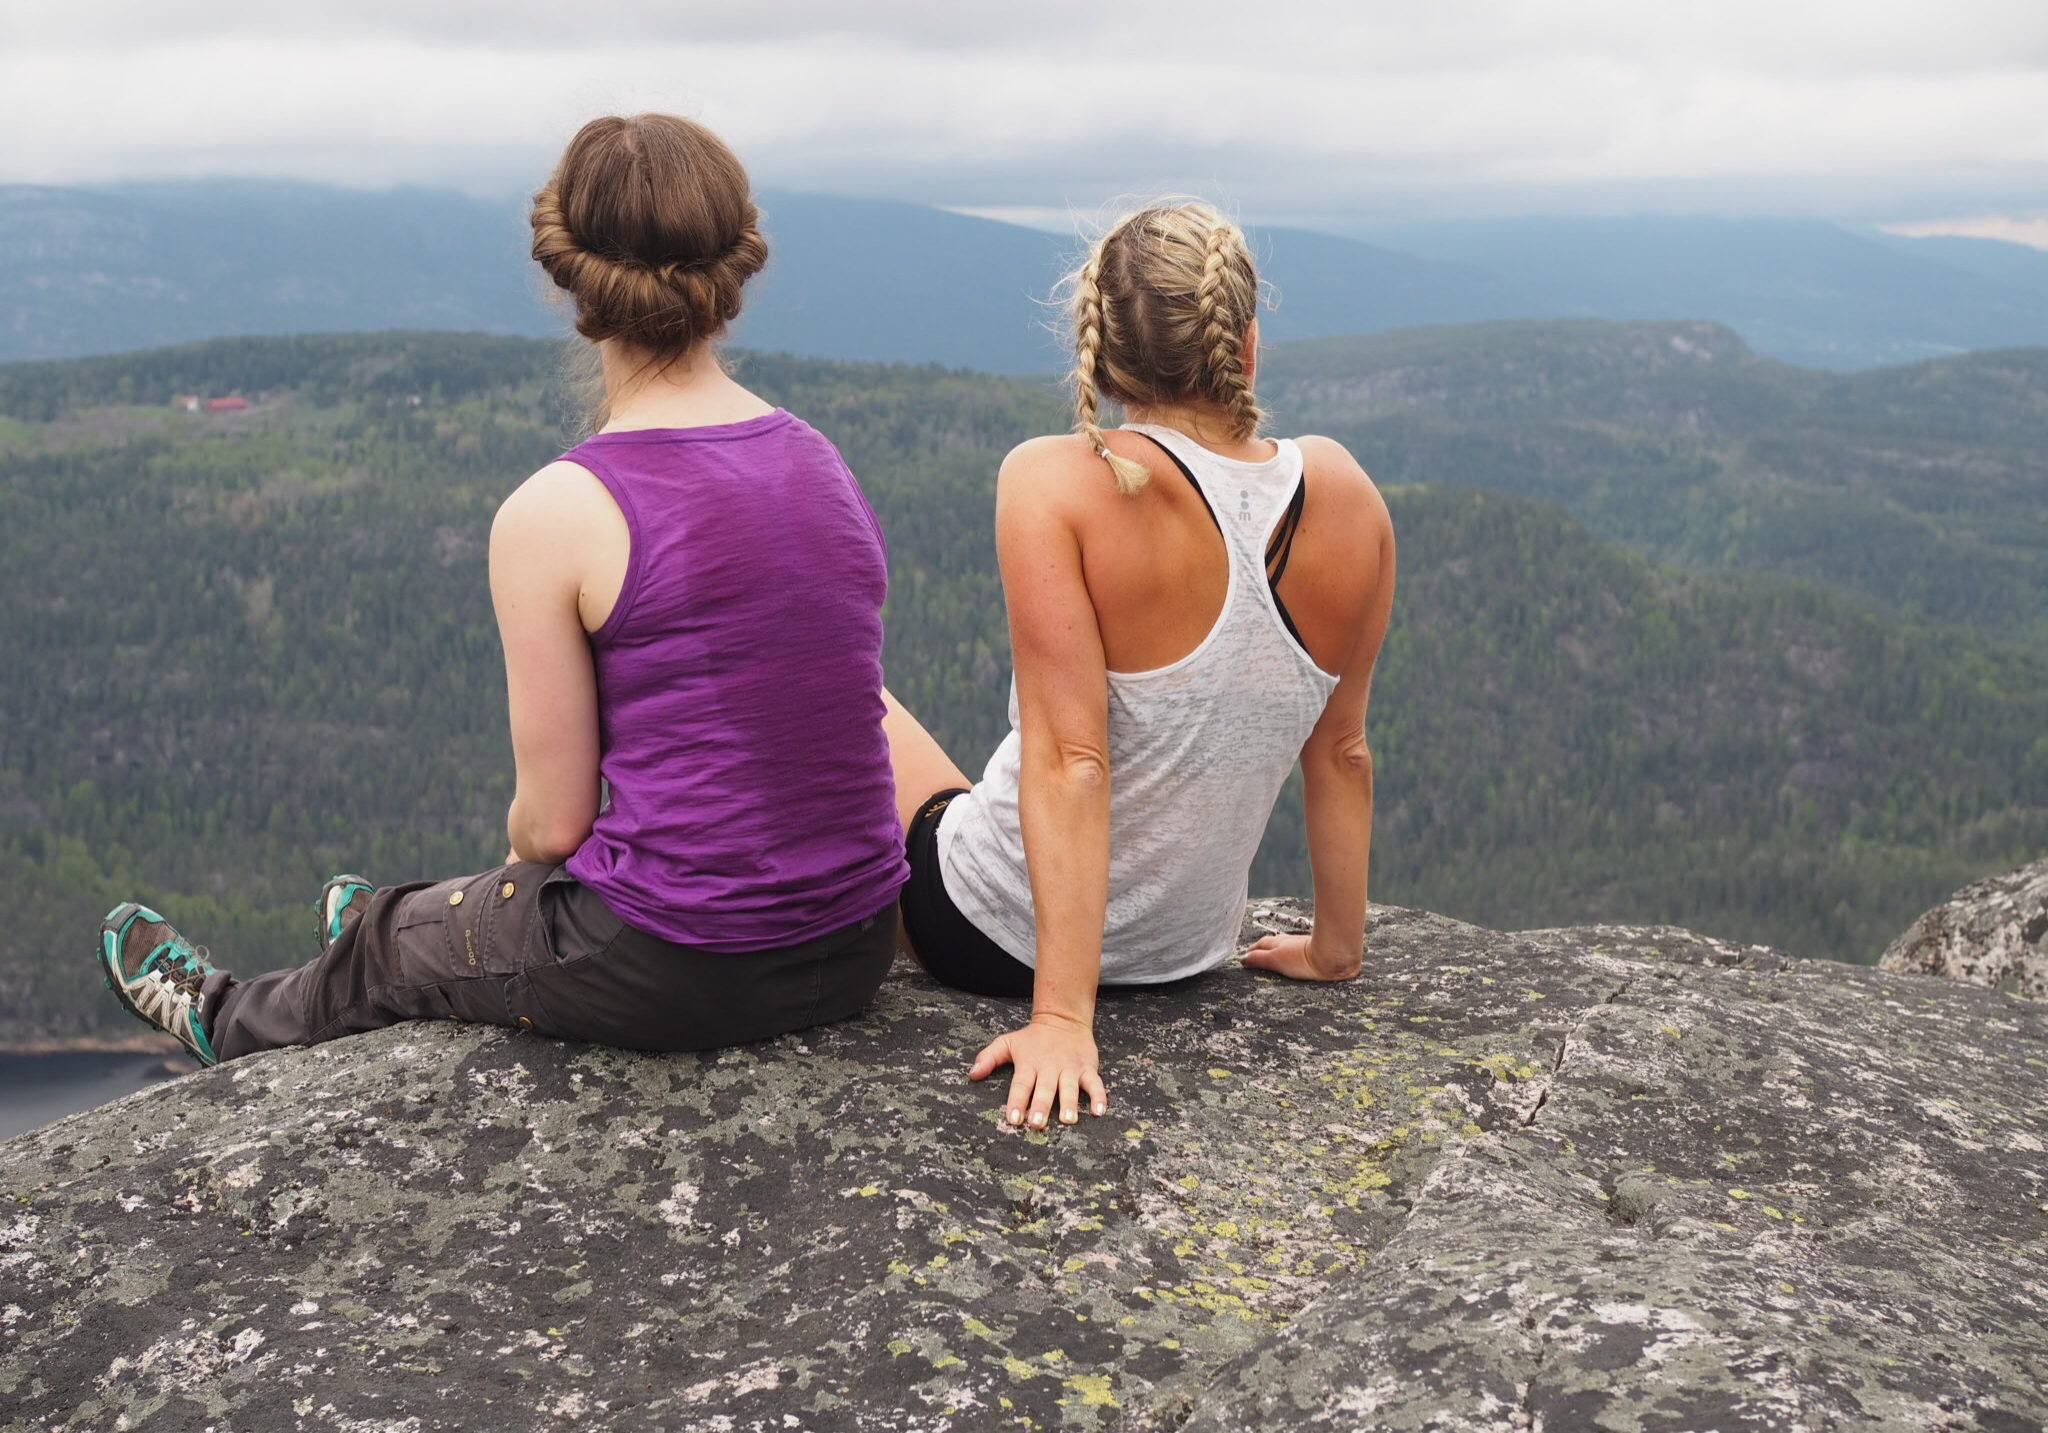 Gygrestolen ved Bø er en særegen og mystisk fjellformasjon som stiger opp av skogen.